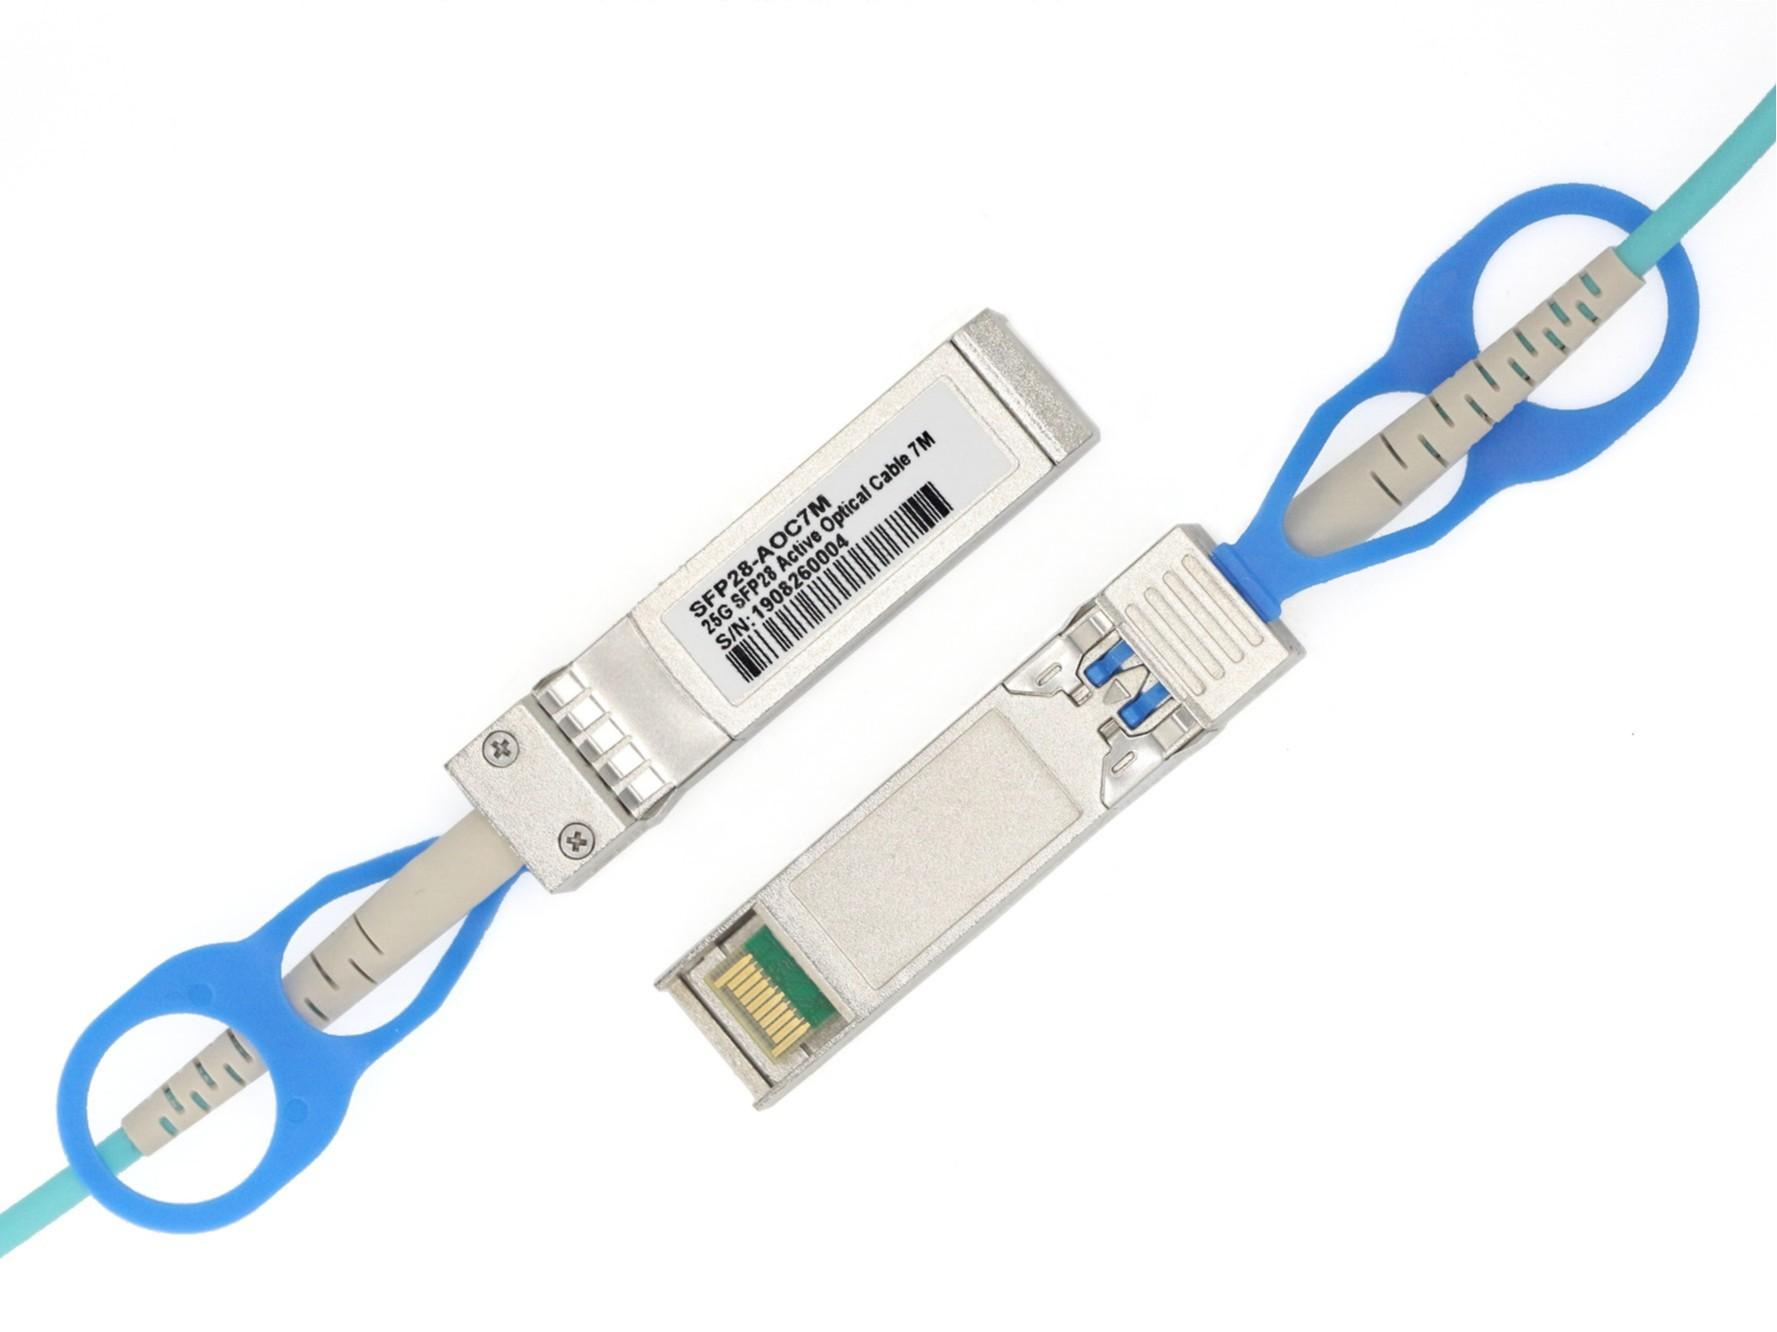 迈络思(Mellanox) MFA2P10-A001 25G SFP28 转 SFP28 AOC有源光缆